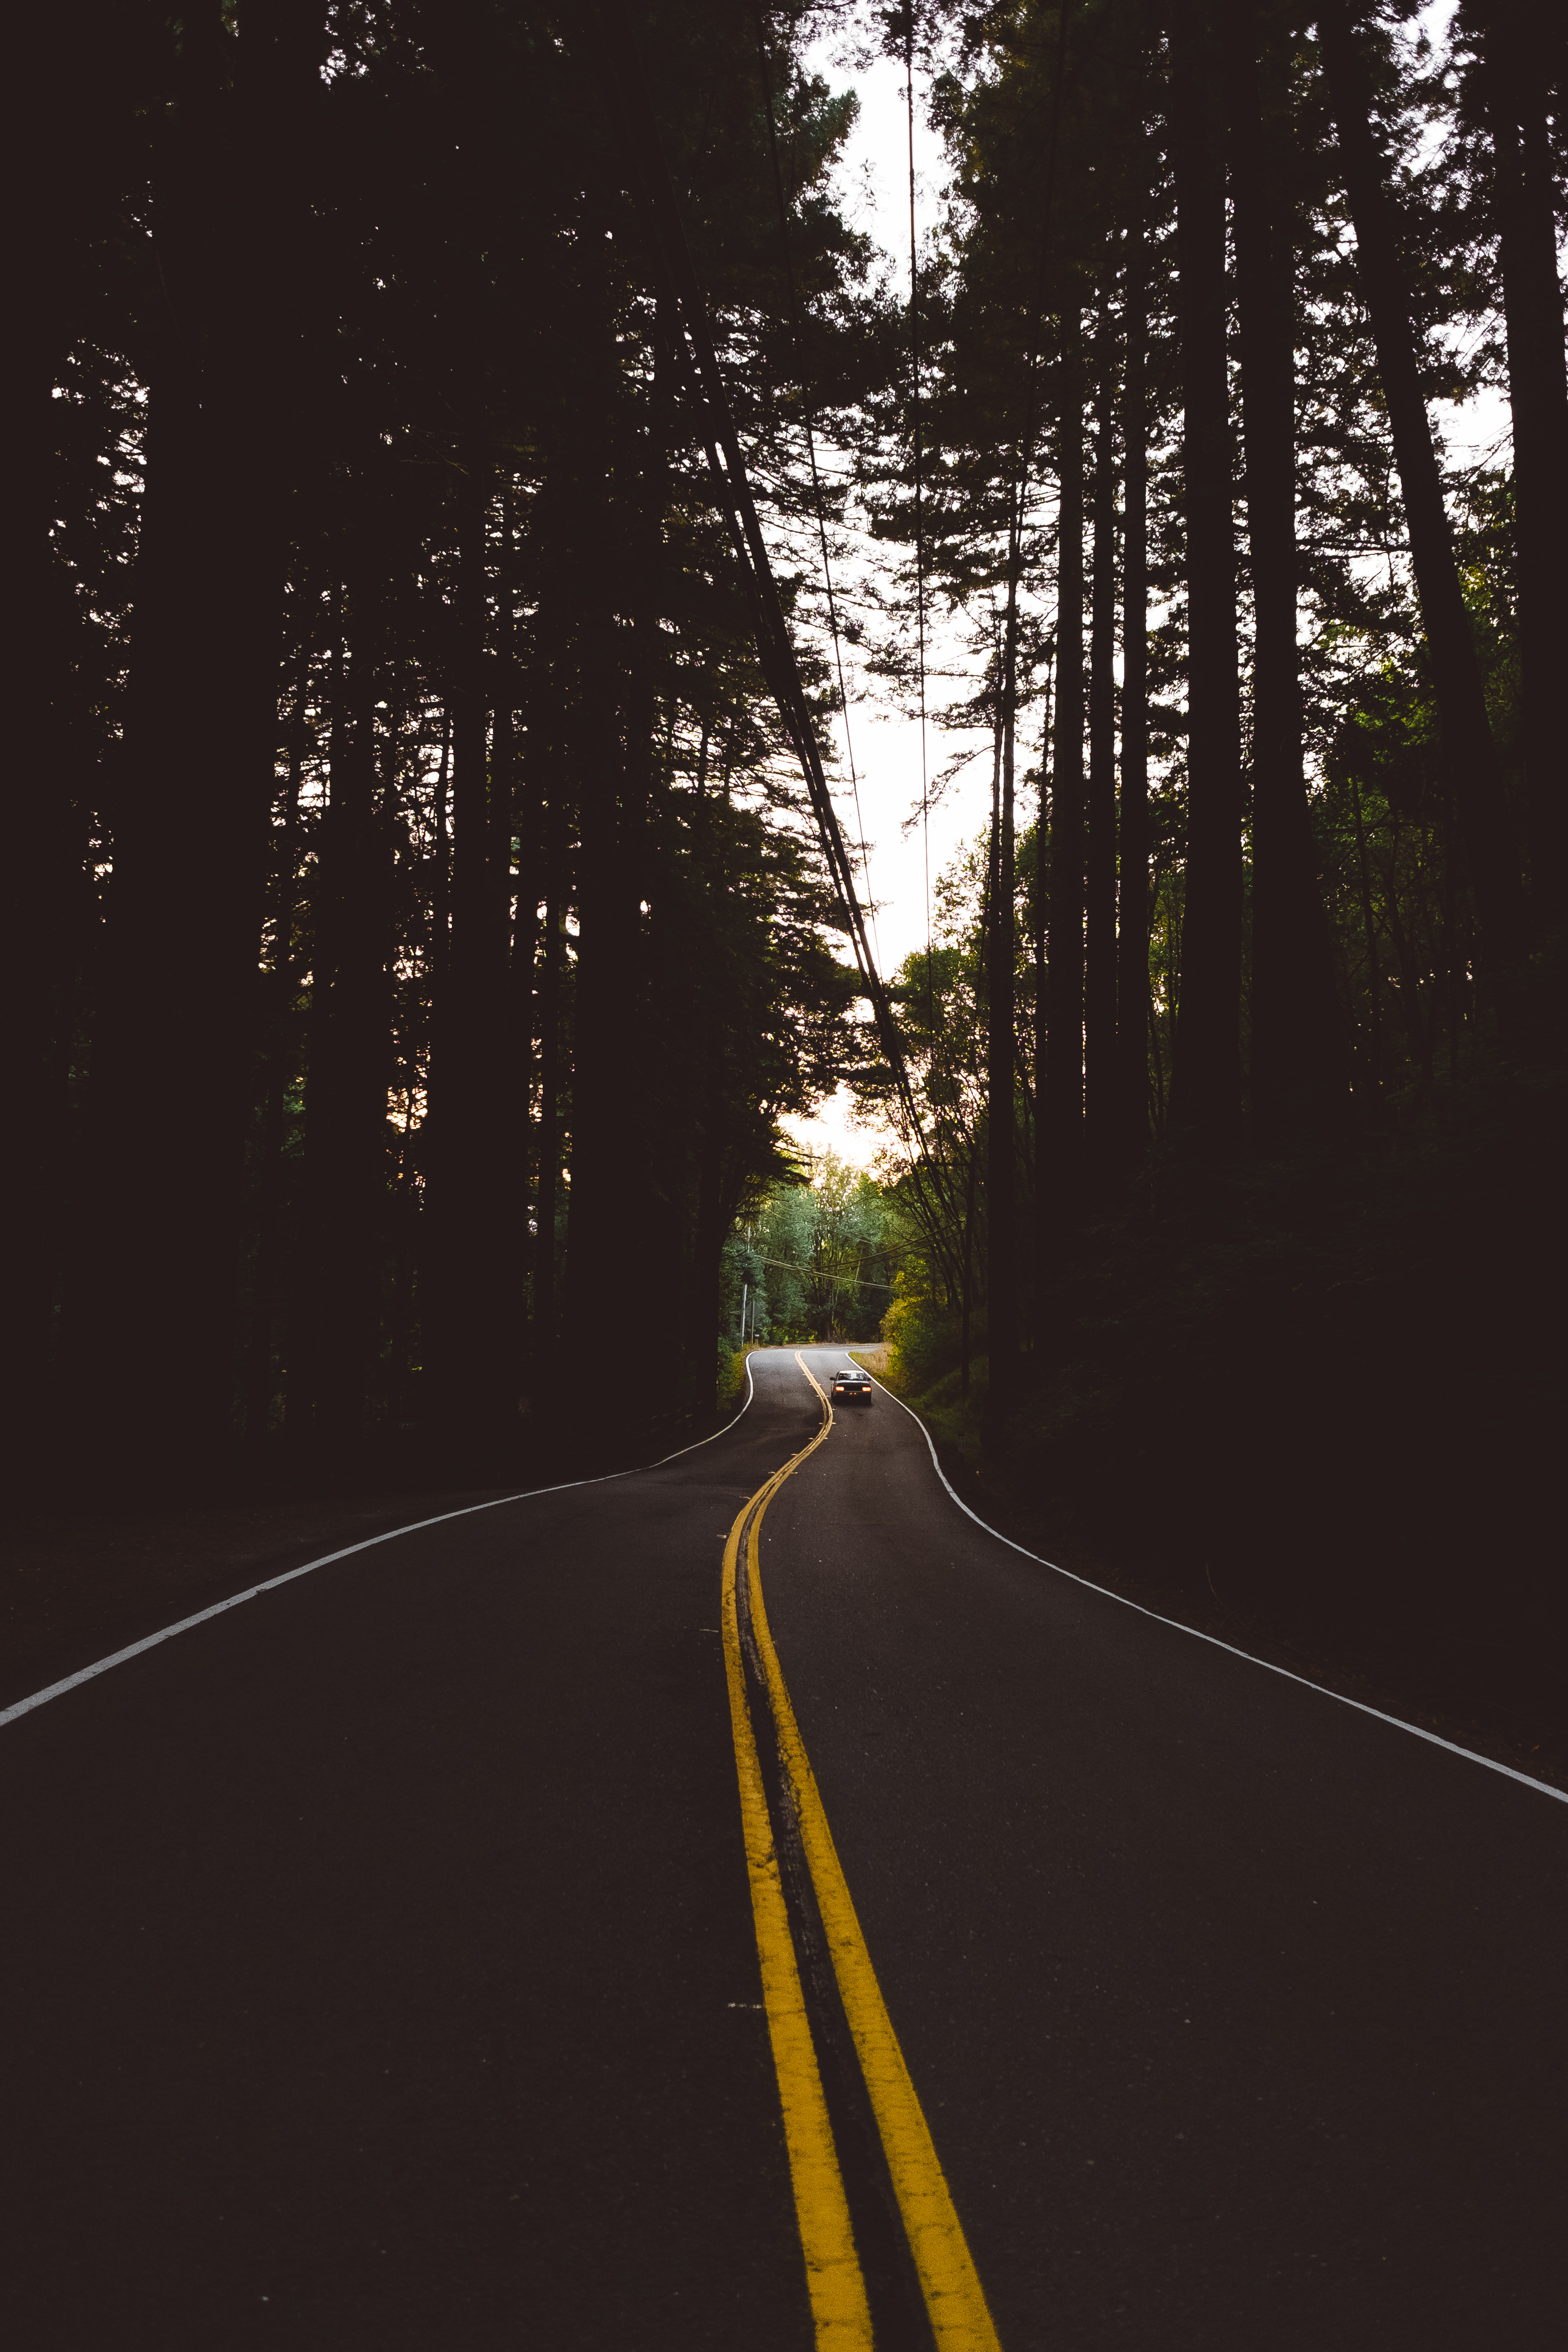 105901 скачать обои Темные, Дорога, Разметка, Машины, Лес, Деревья, Вечер - заставки и картинки бесплатно